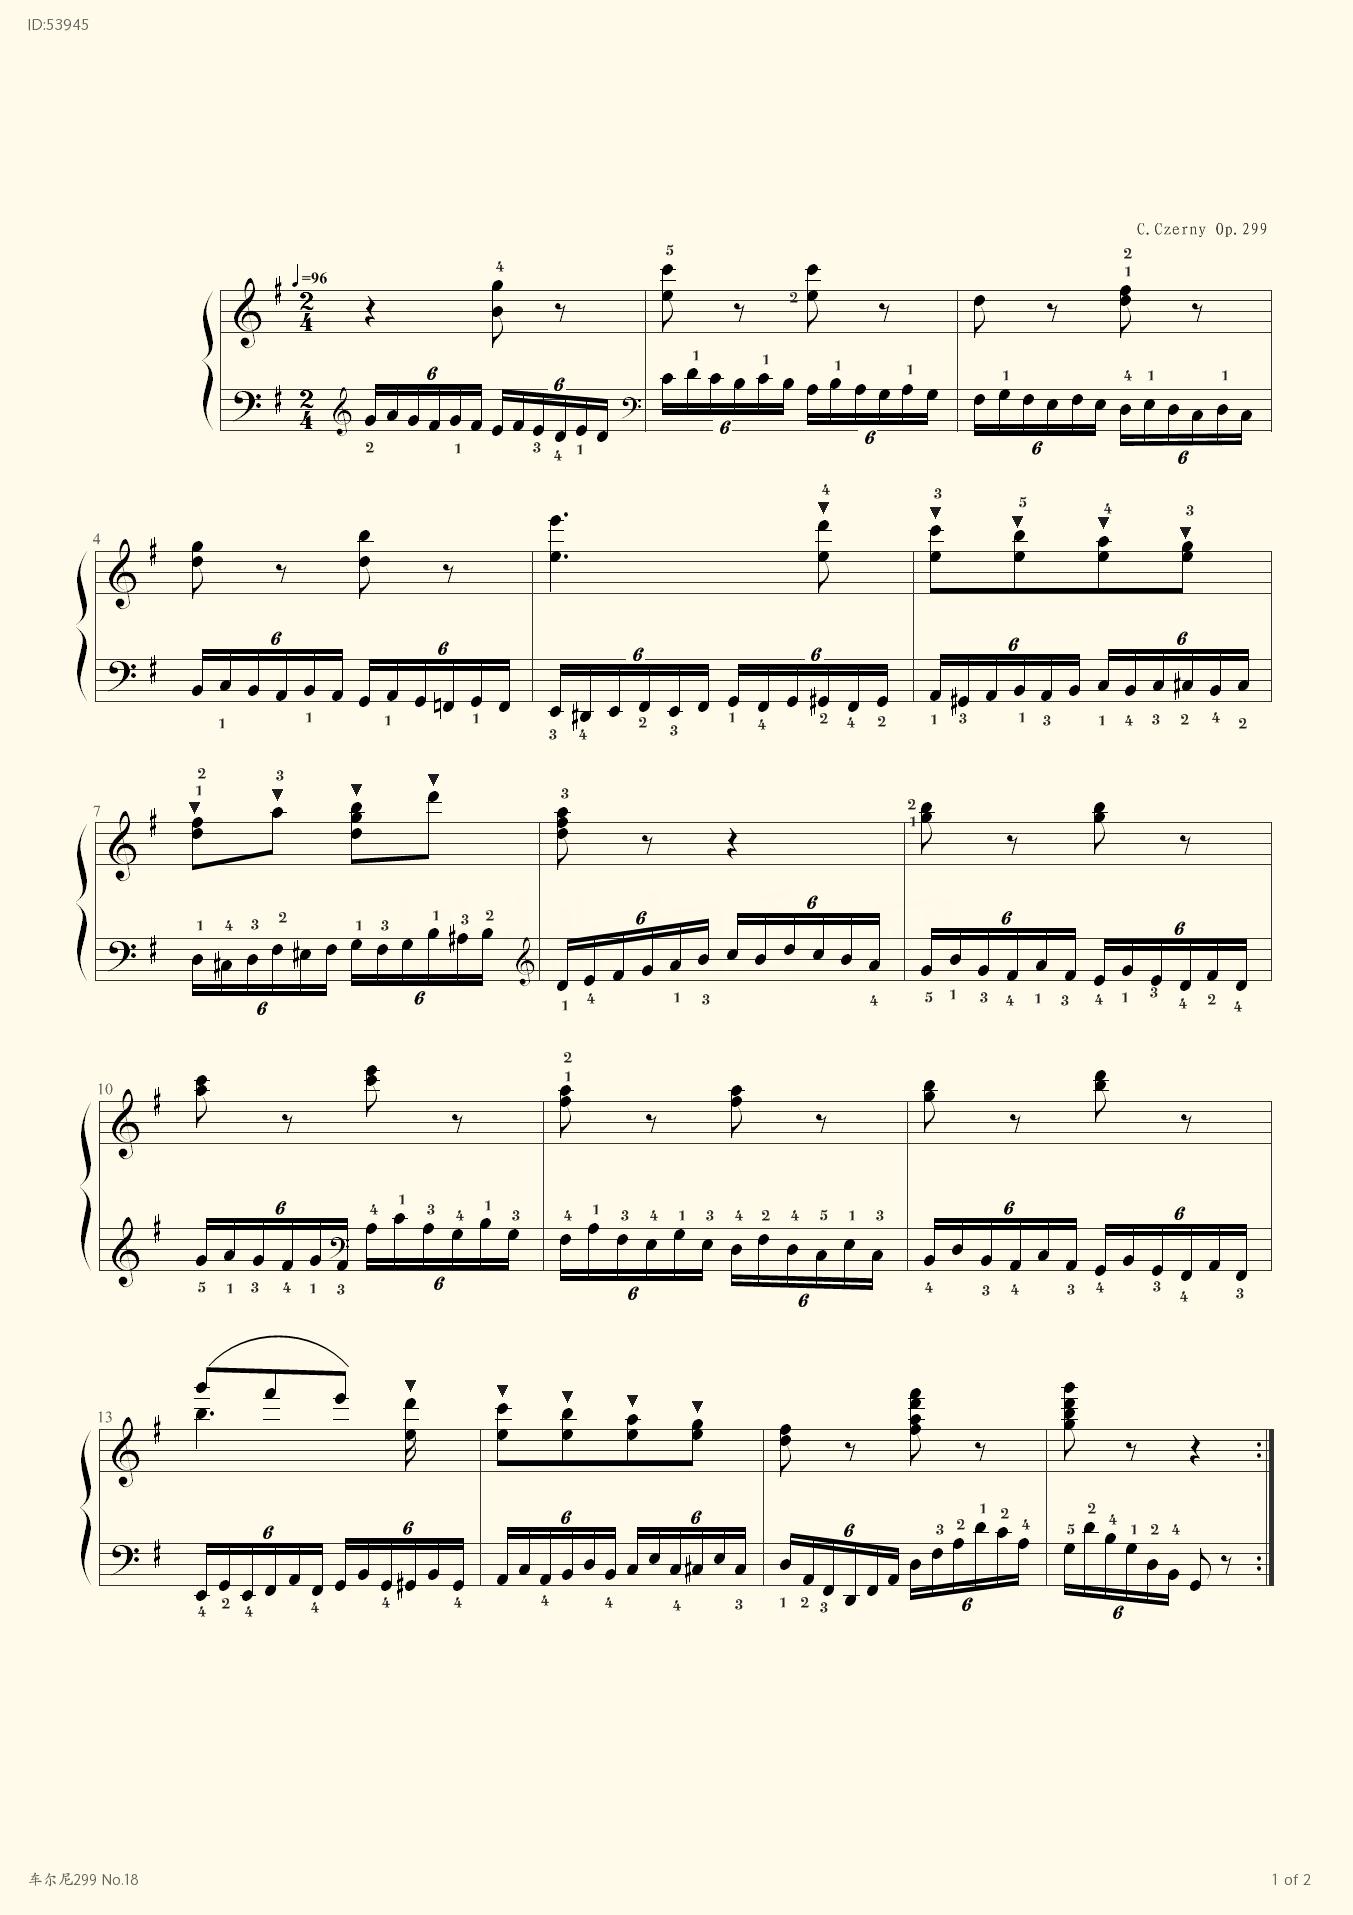 299 No 18 - Czerny - first page